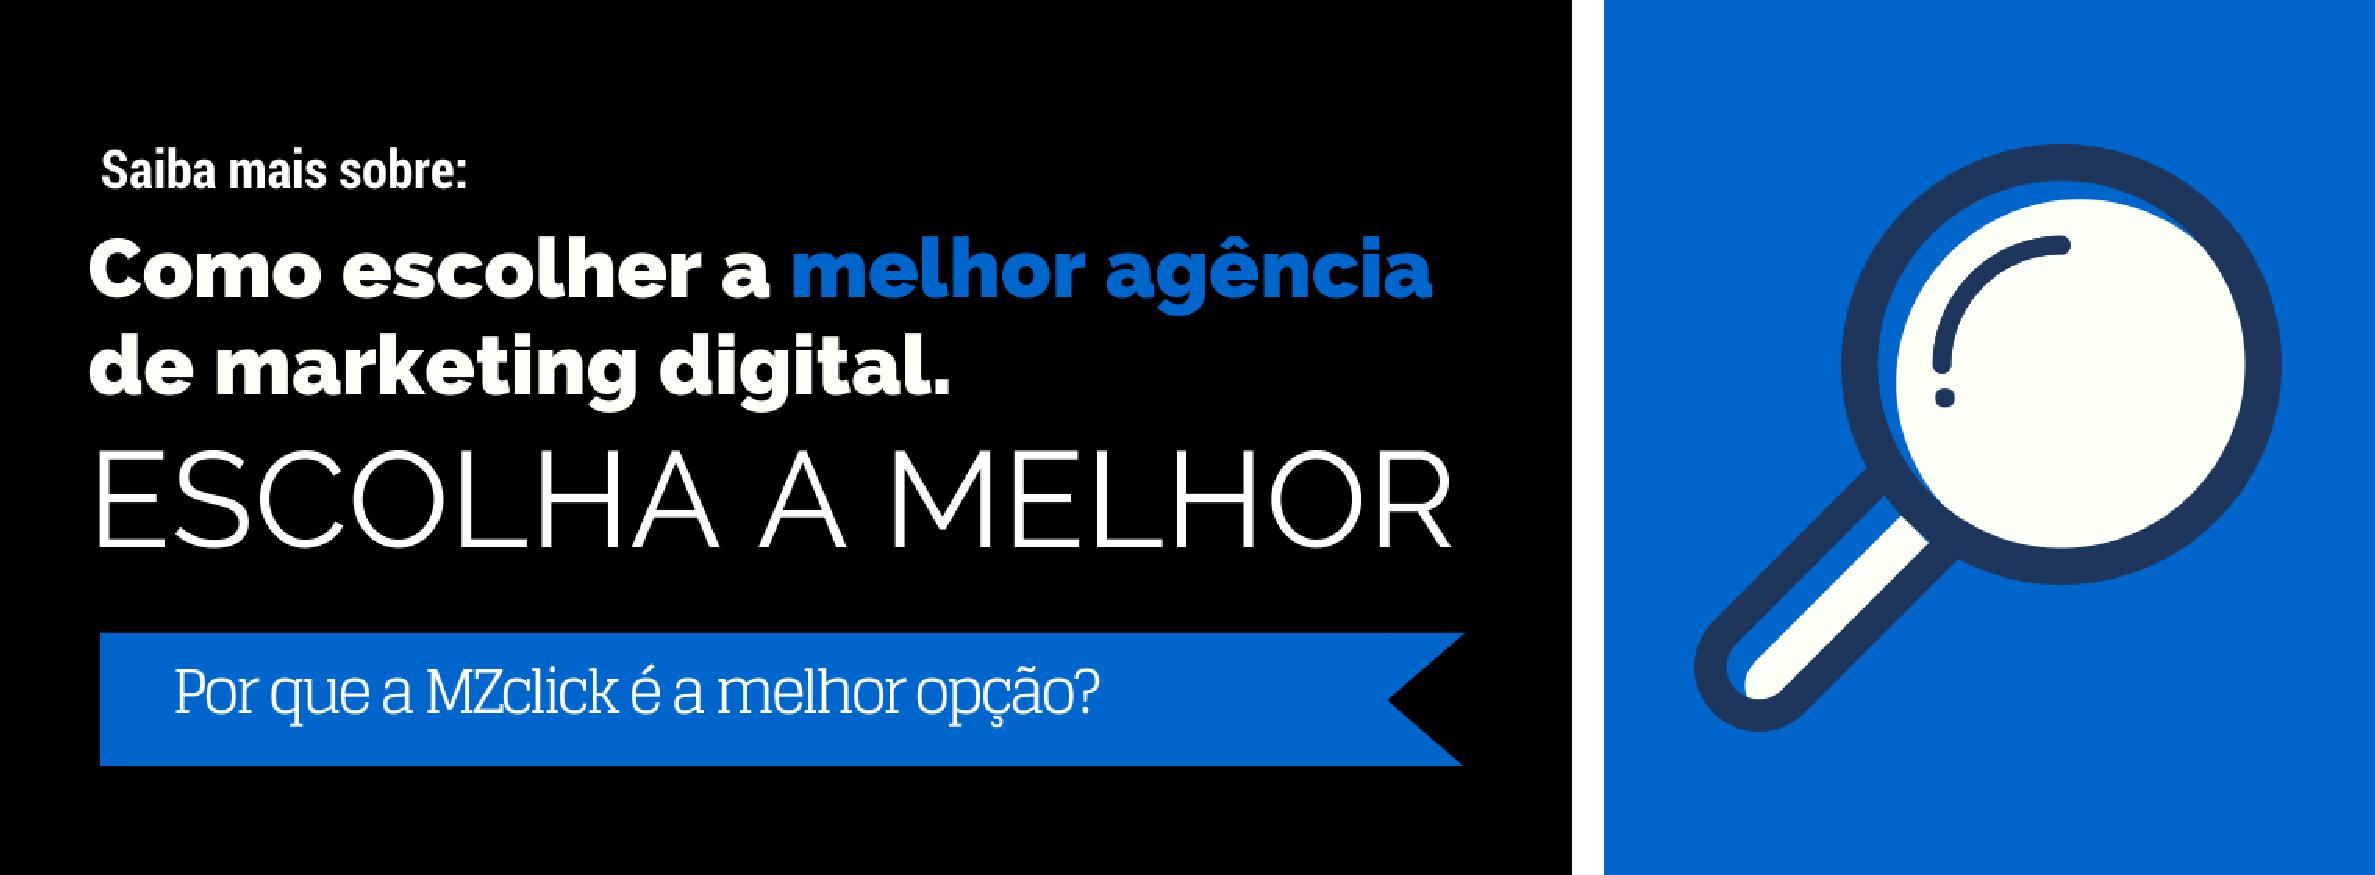 CTA - Escolha a melhor agência de marketing digital